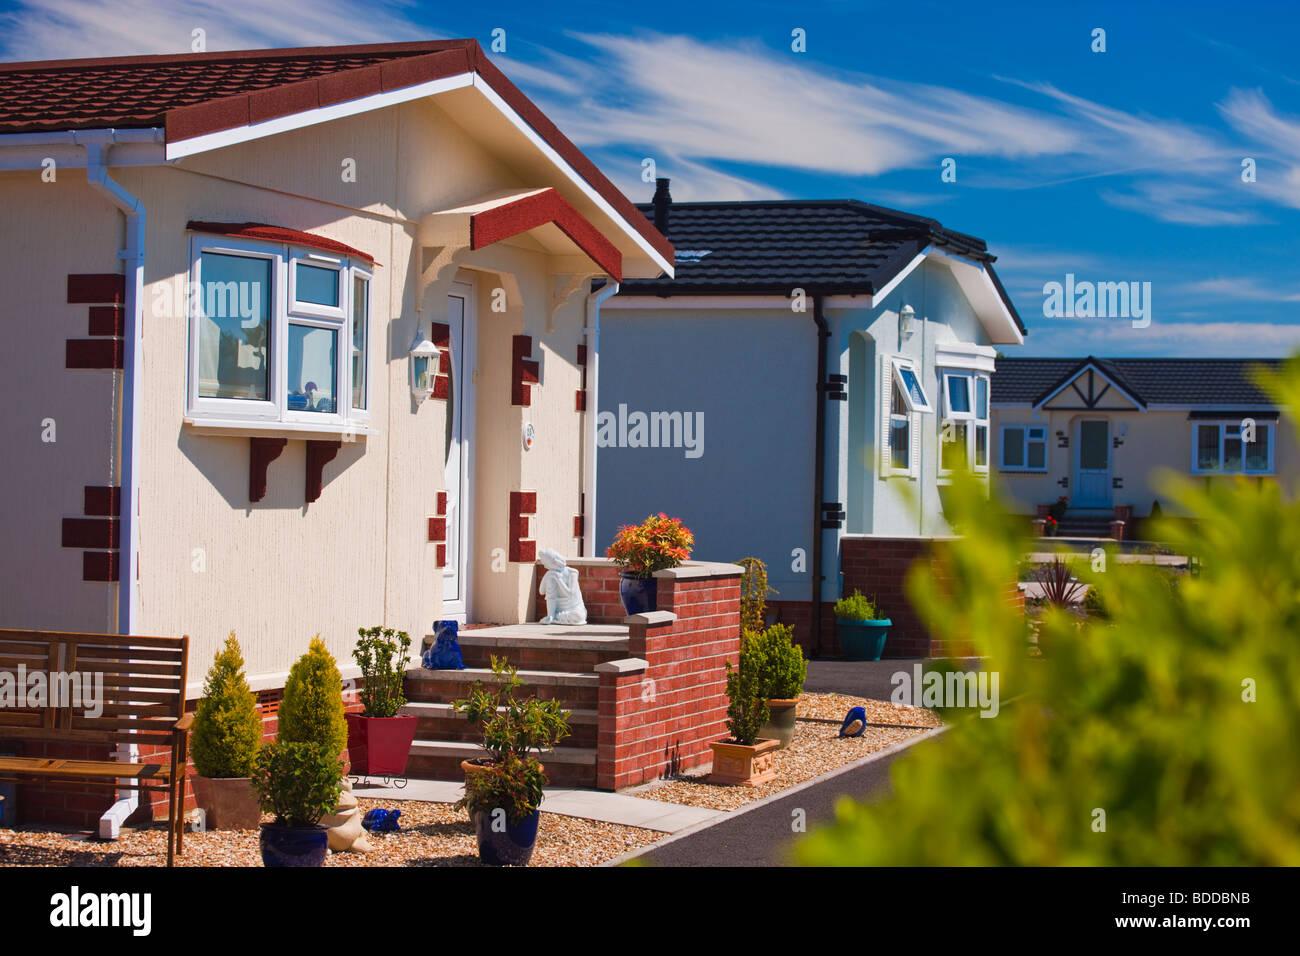 Case Mobili Nuove : Case mobili nuove immagini case mobili nuove fotos stock alamy